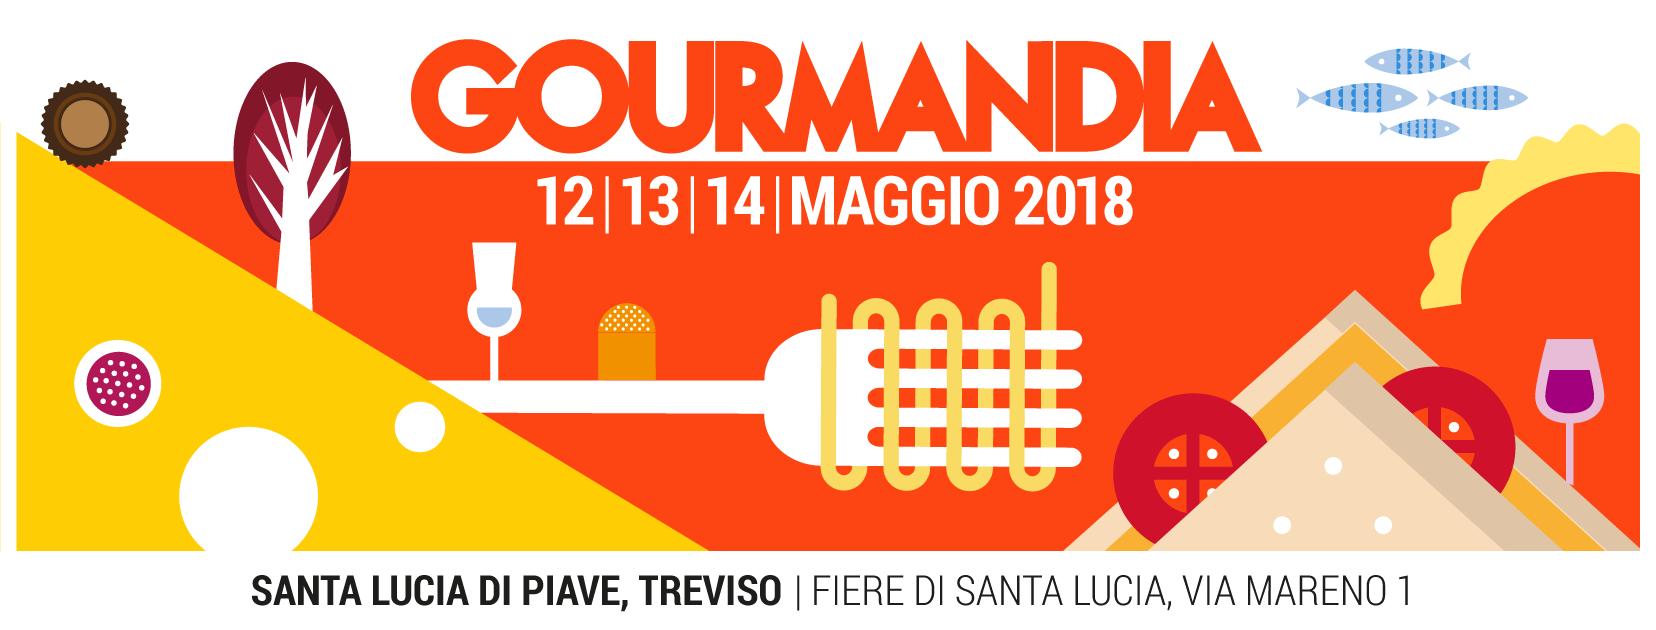 gourmandia 2018